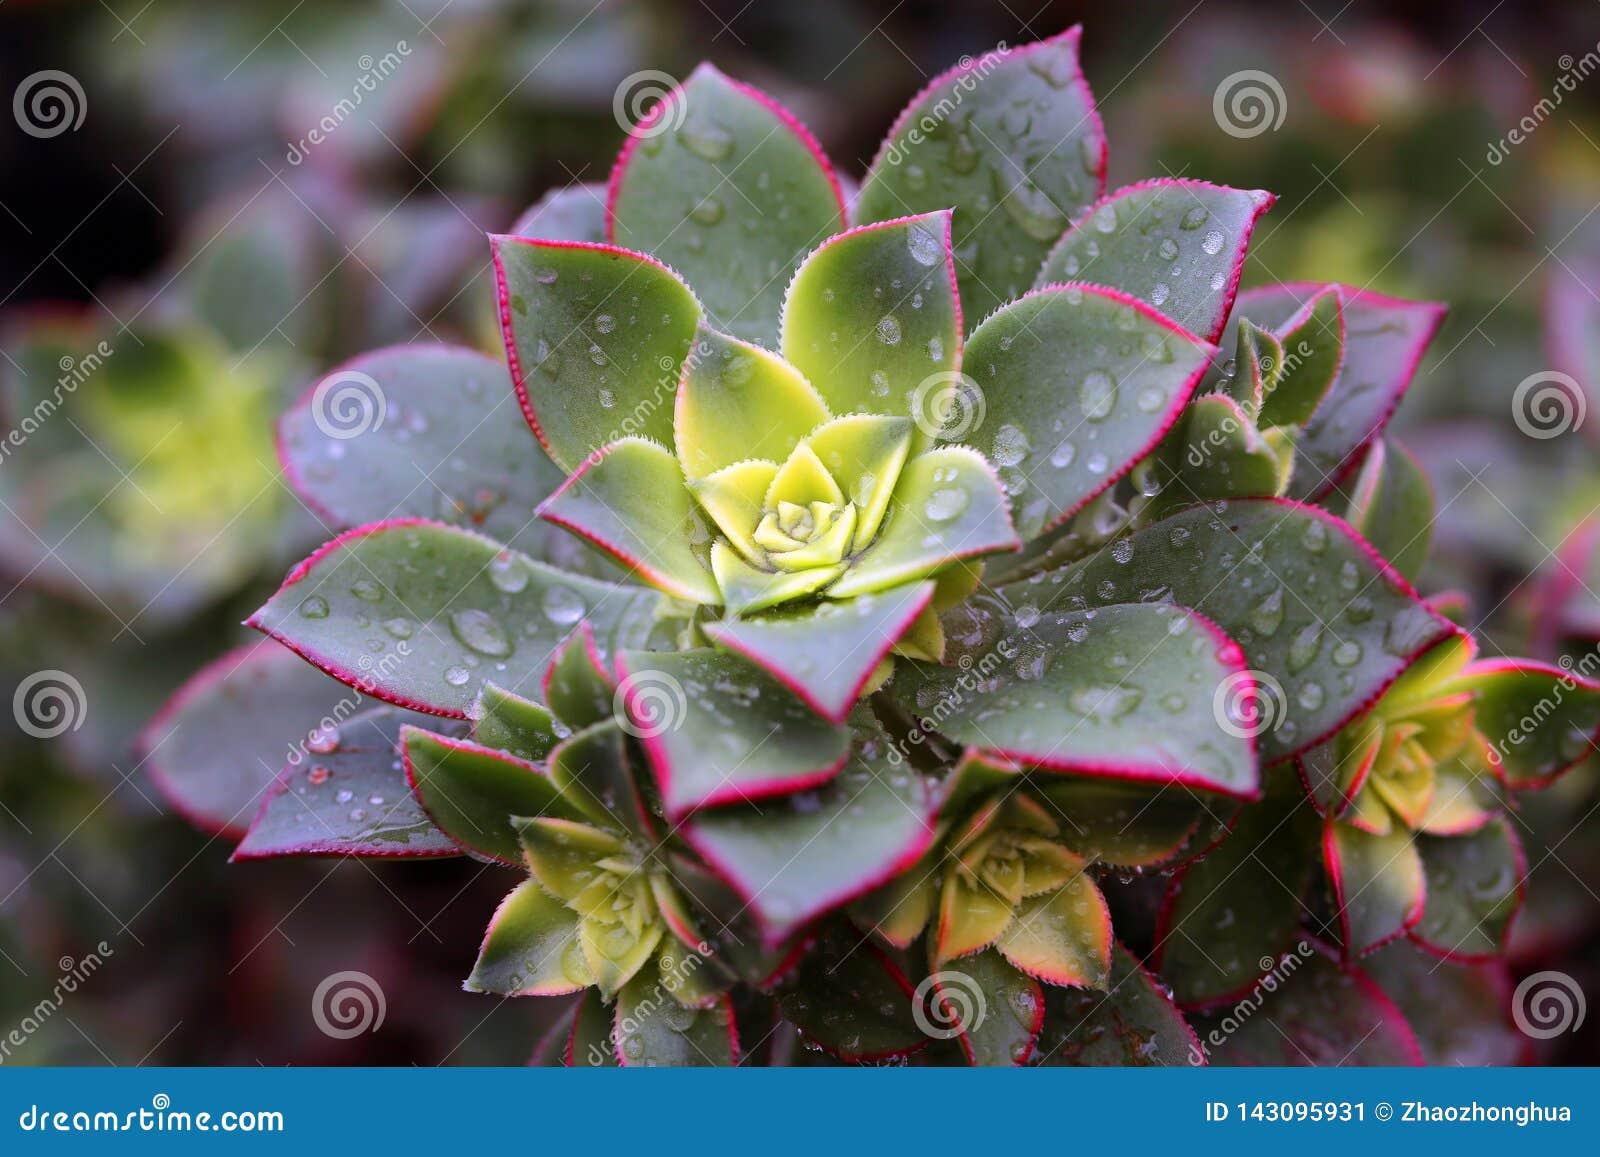 Det suckulenta växttillståndet är mycket härligt